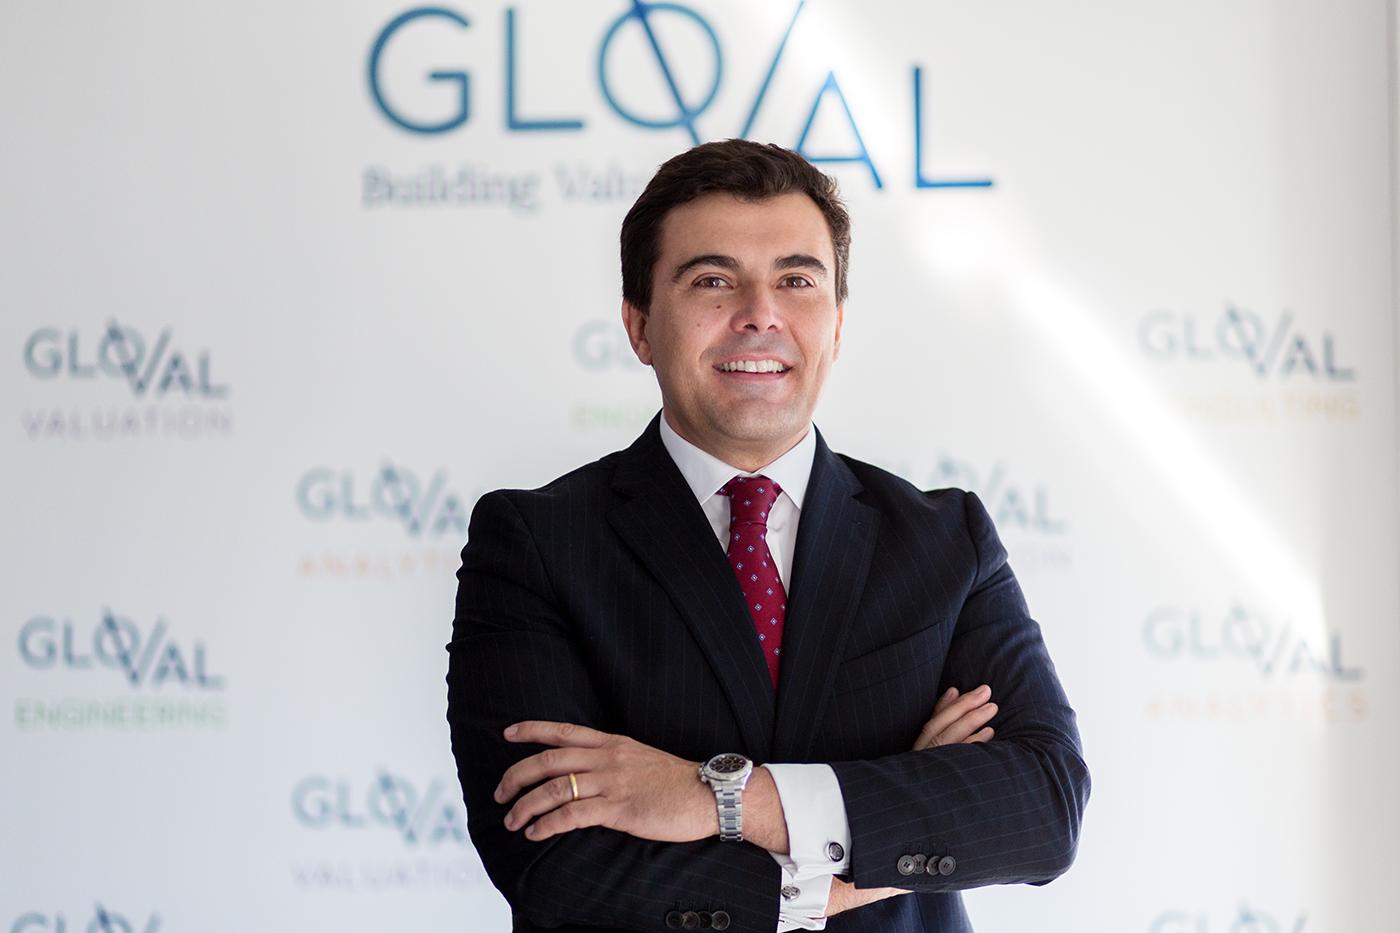 Nelson Rêgo, fundador e primeiroCEO, vai continuar na liderança da Prime Yield / Gloval